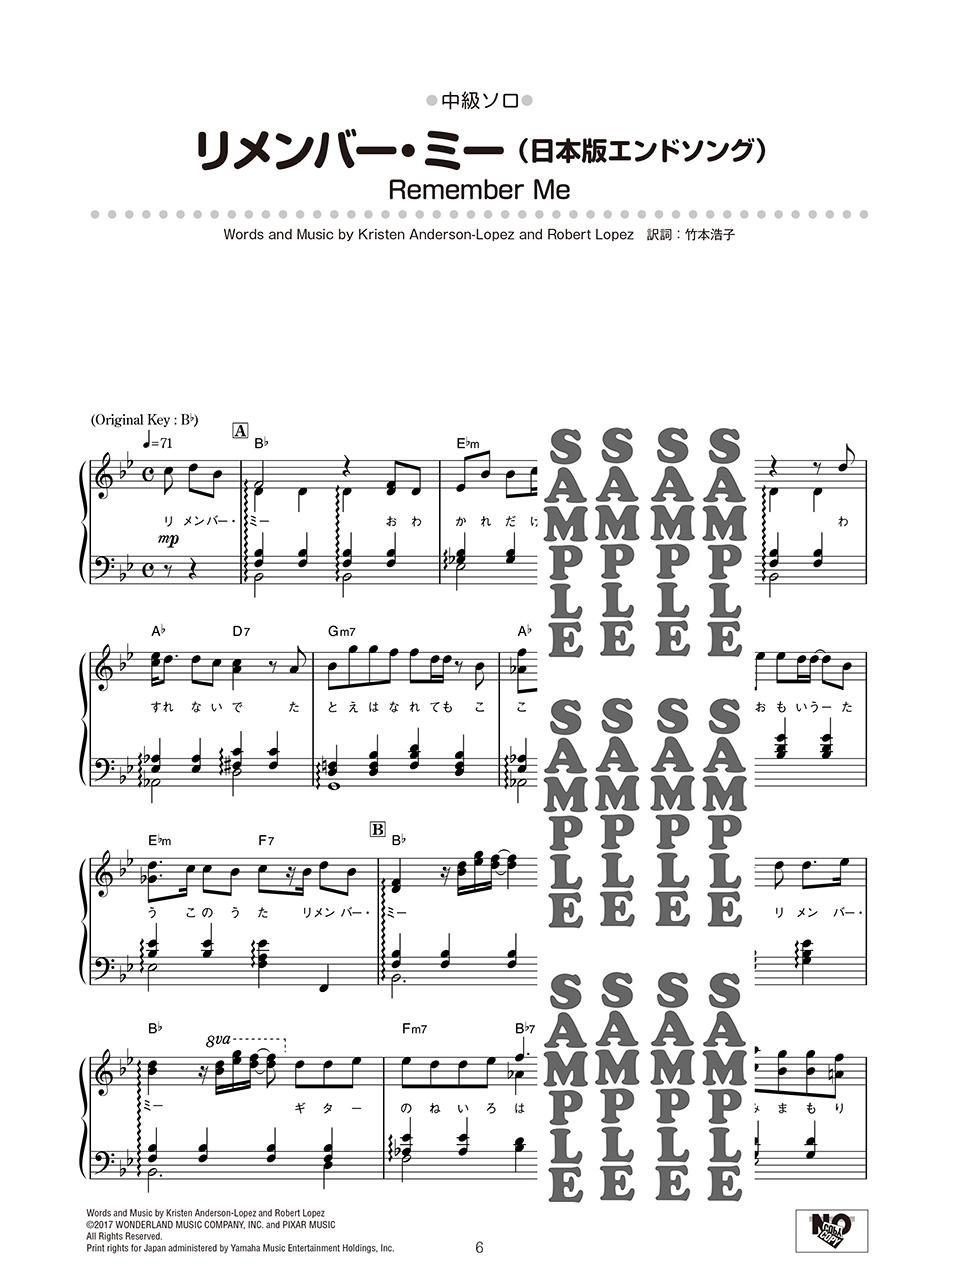 【ヤマハ】ピアノ ディズニーミニアルバム リメンバー・ミー , 楽譜 ピアノ